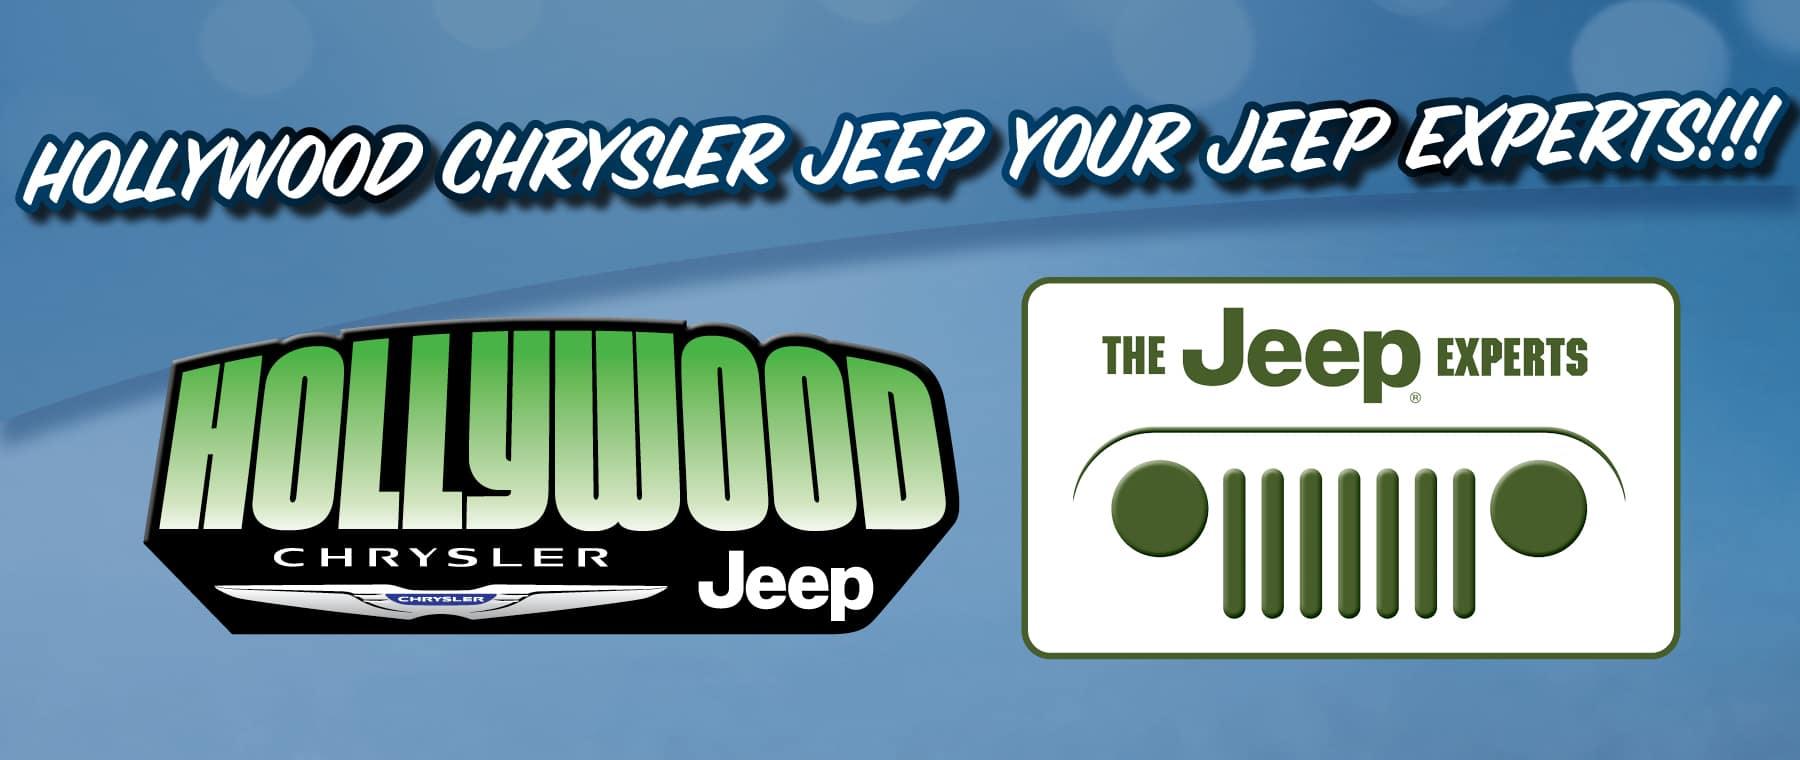 Hollywood Jeep Speical